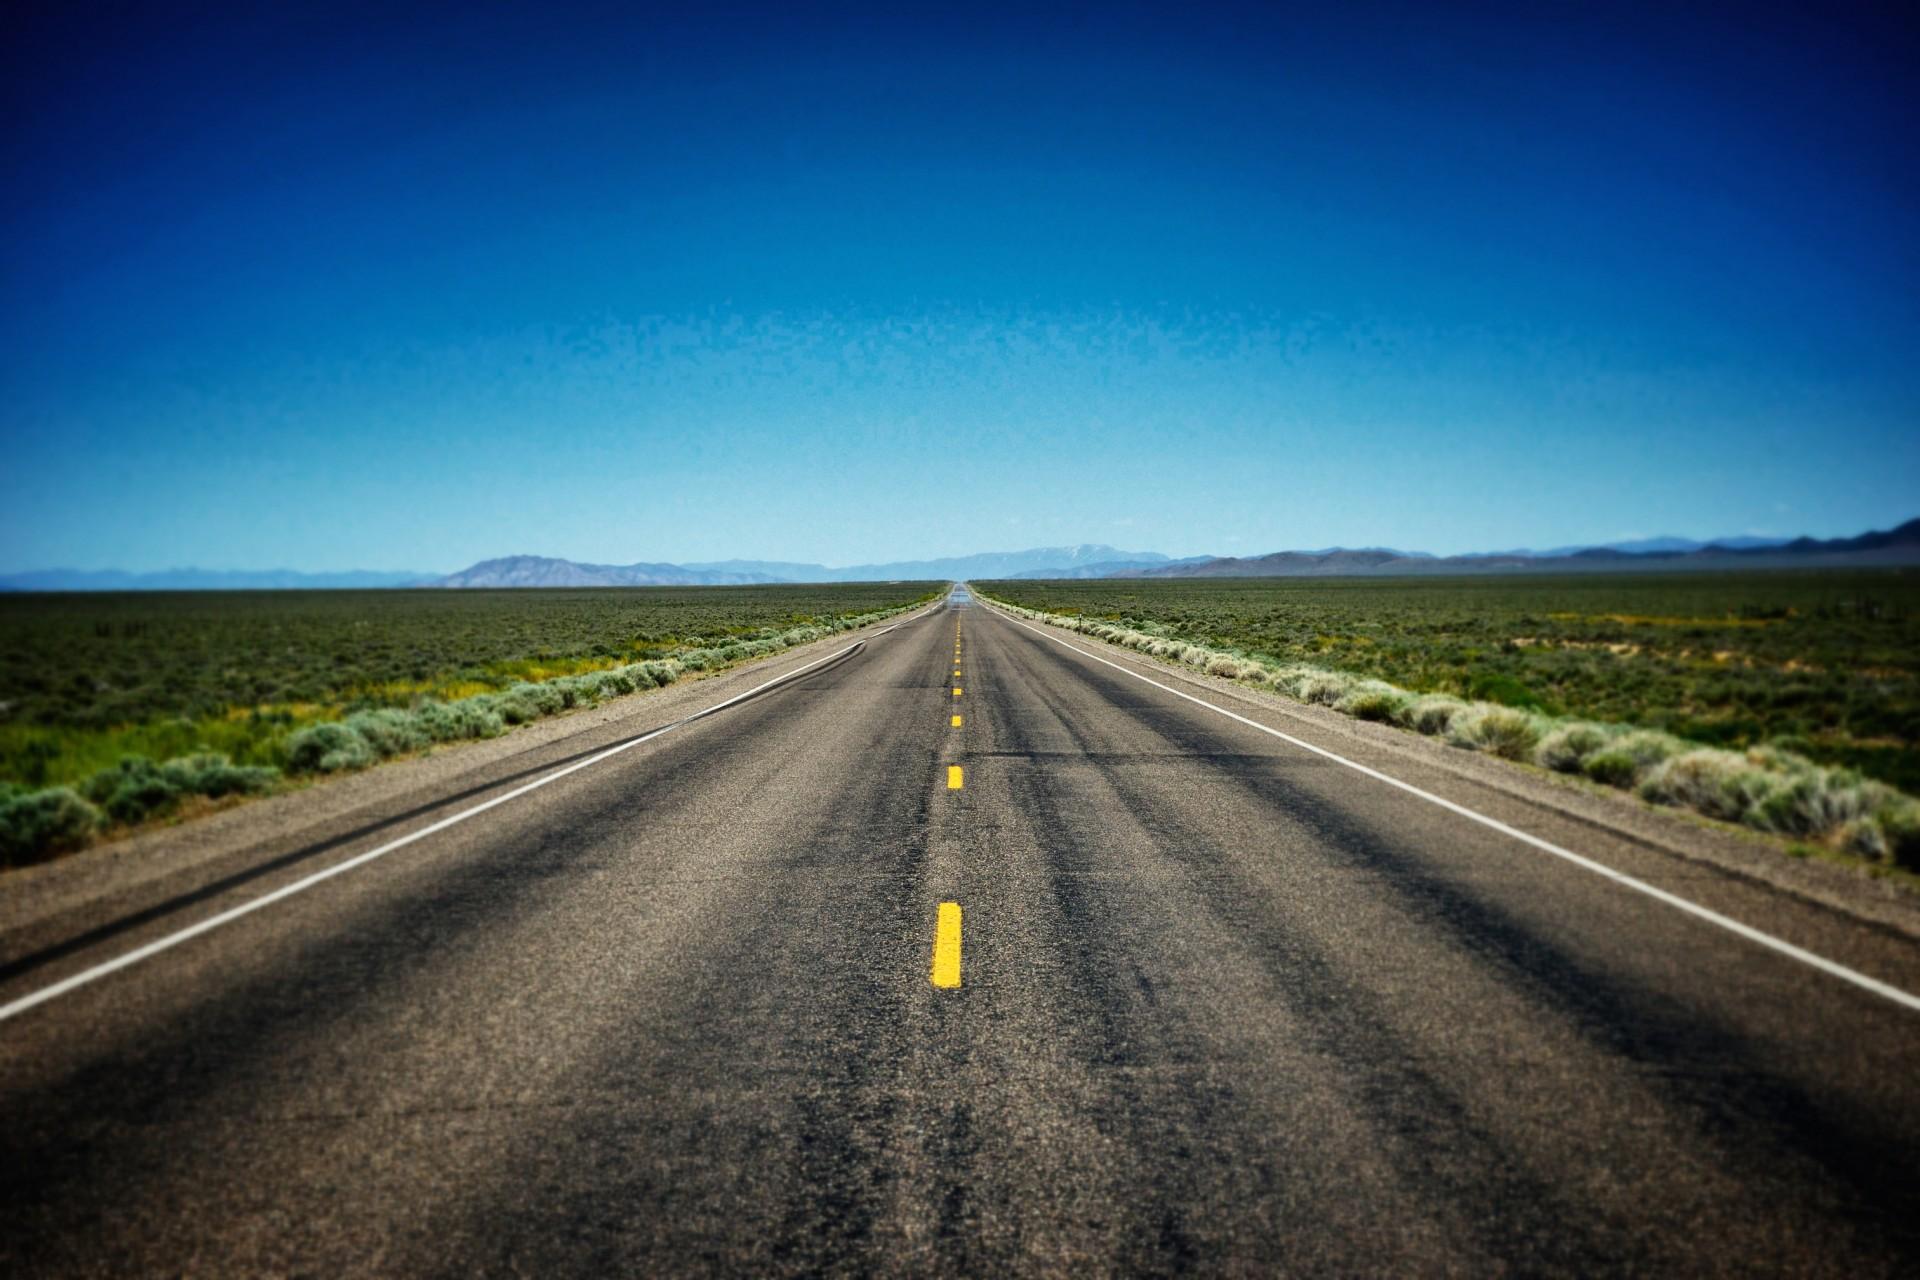 Highway 26 Improvements